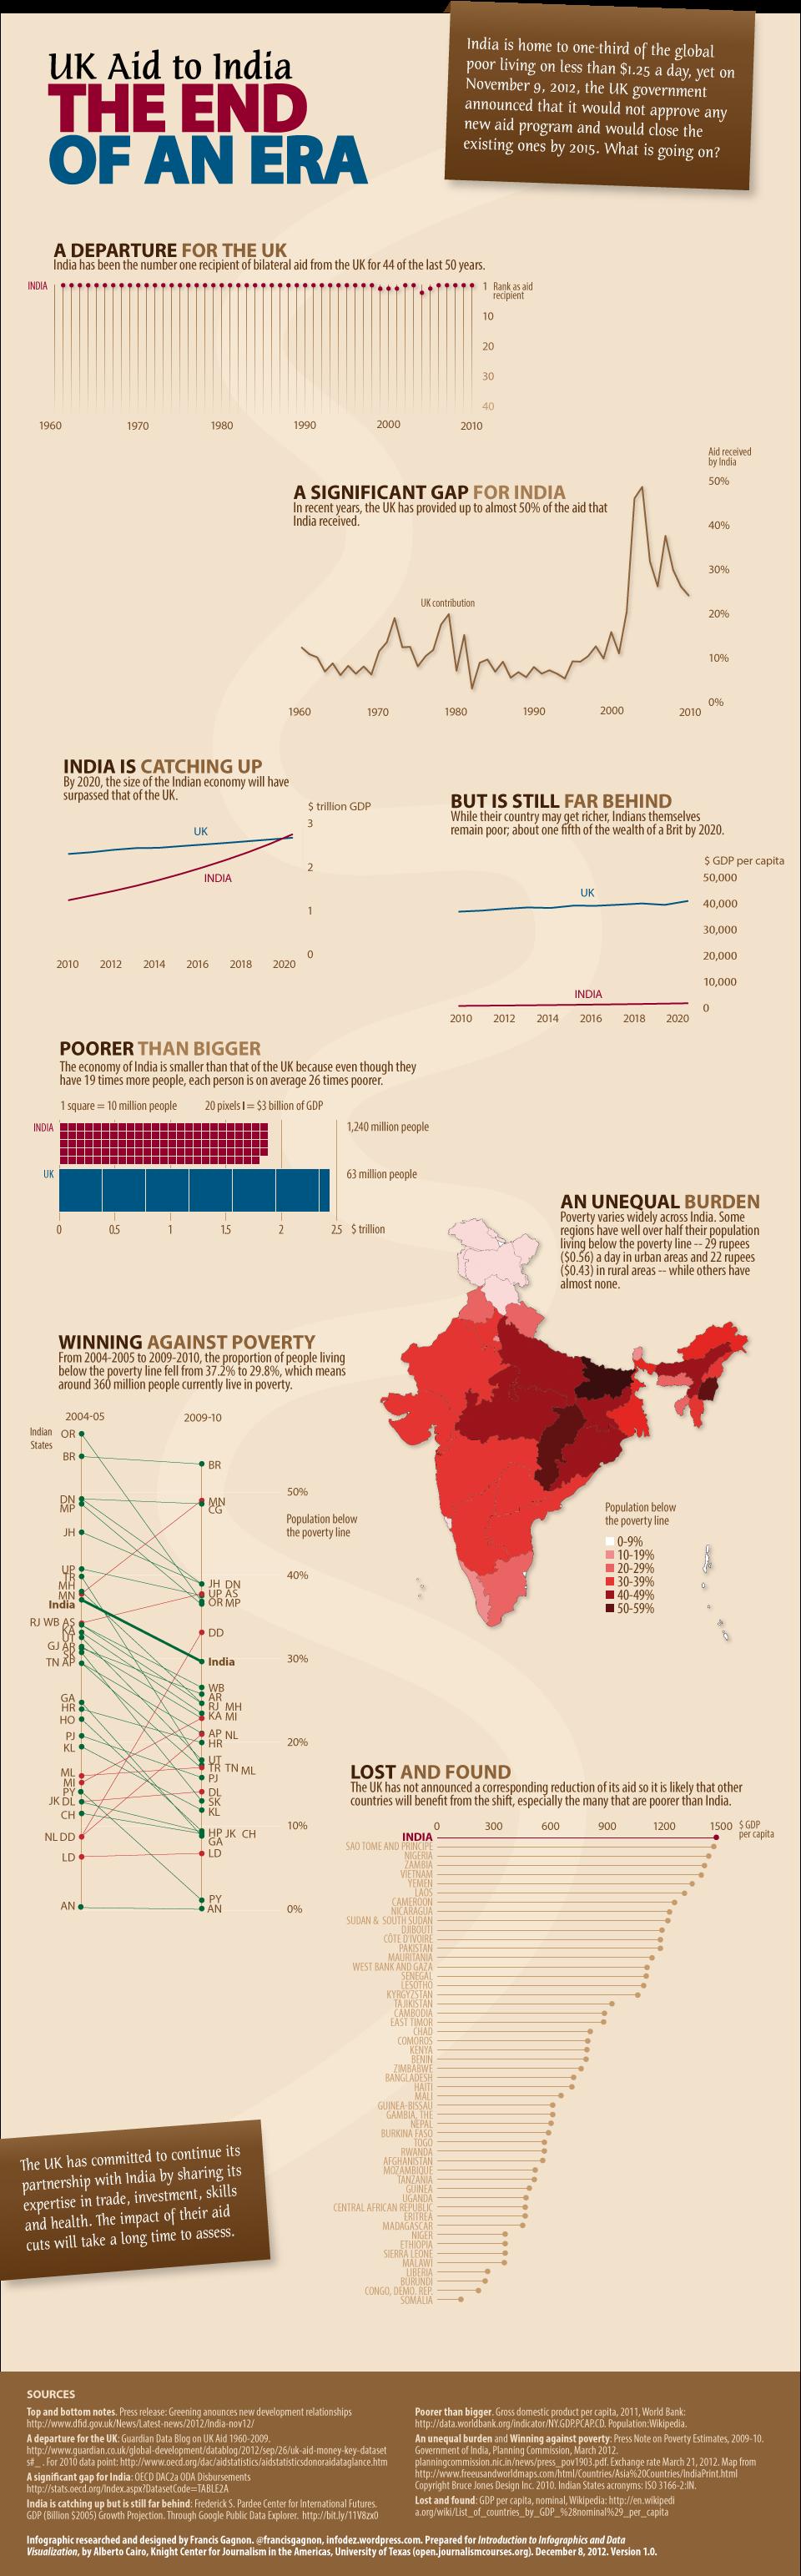 UK-Aid-to-India-FrancisGagnon.png